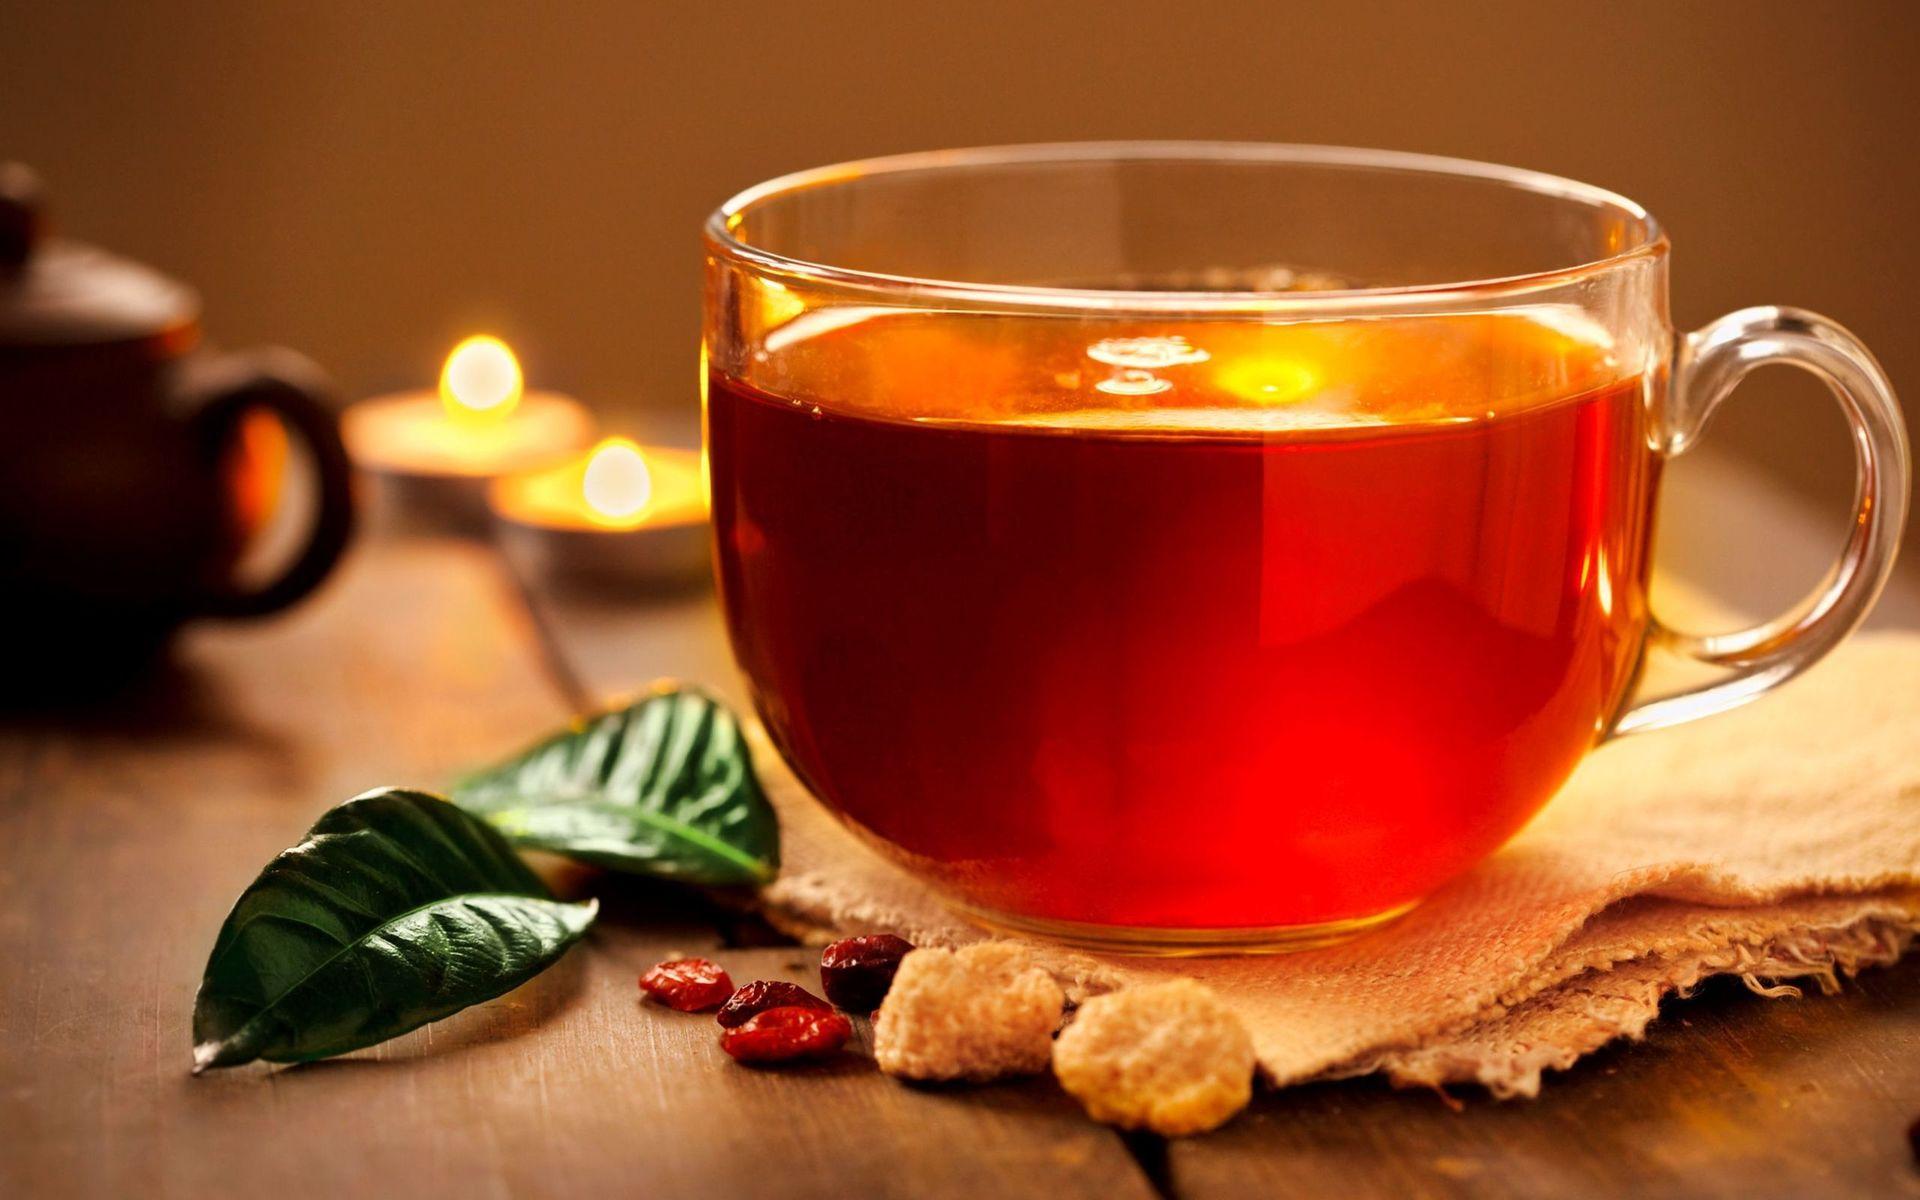 Чай: кому на пользу, а кому во вред